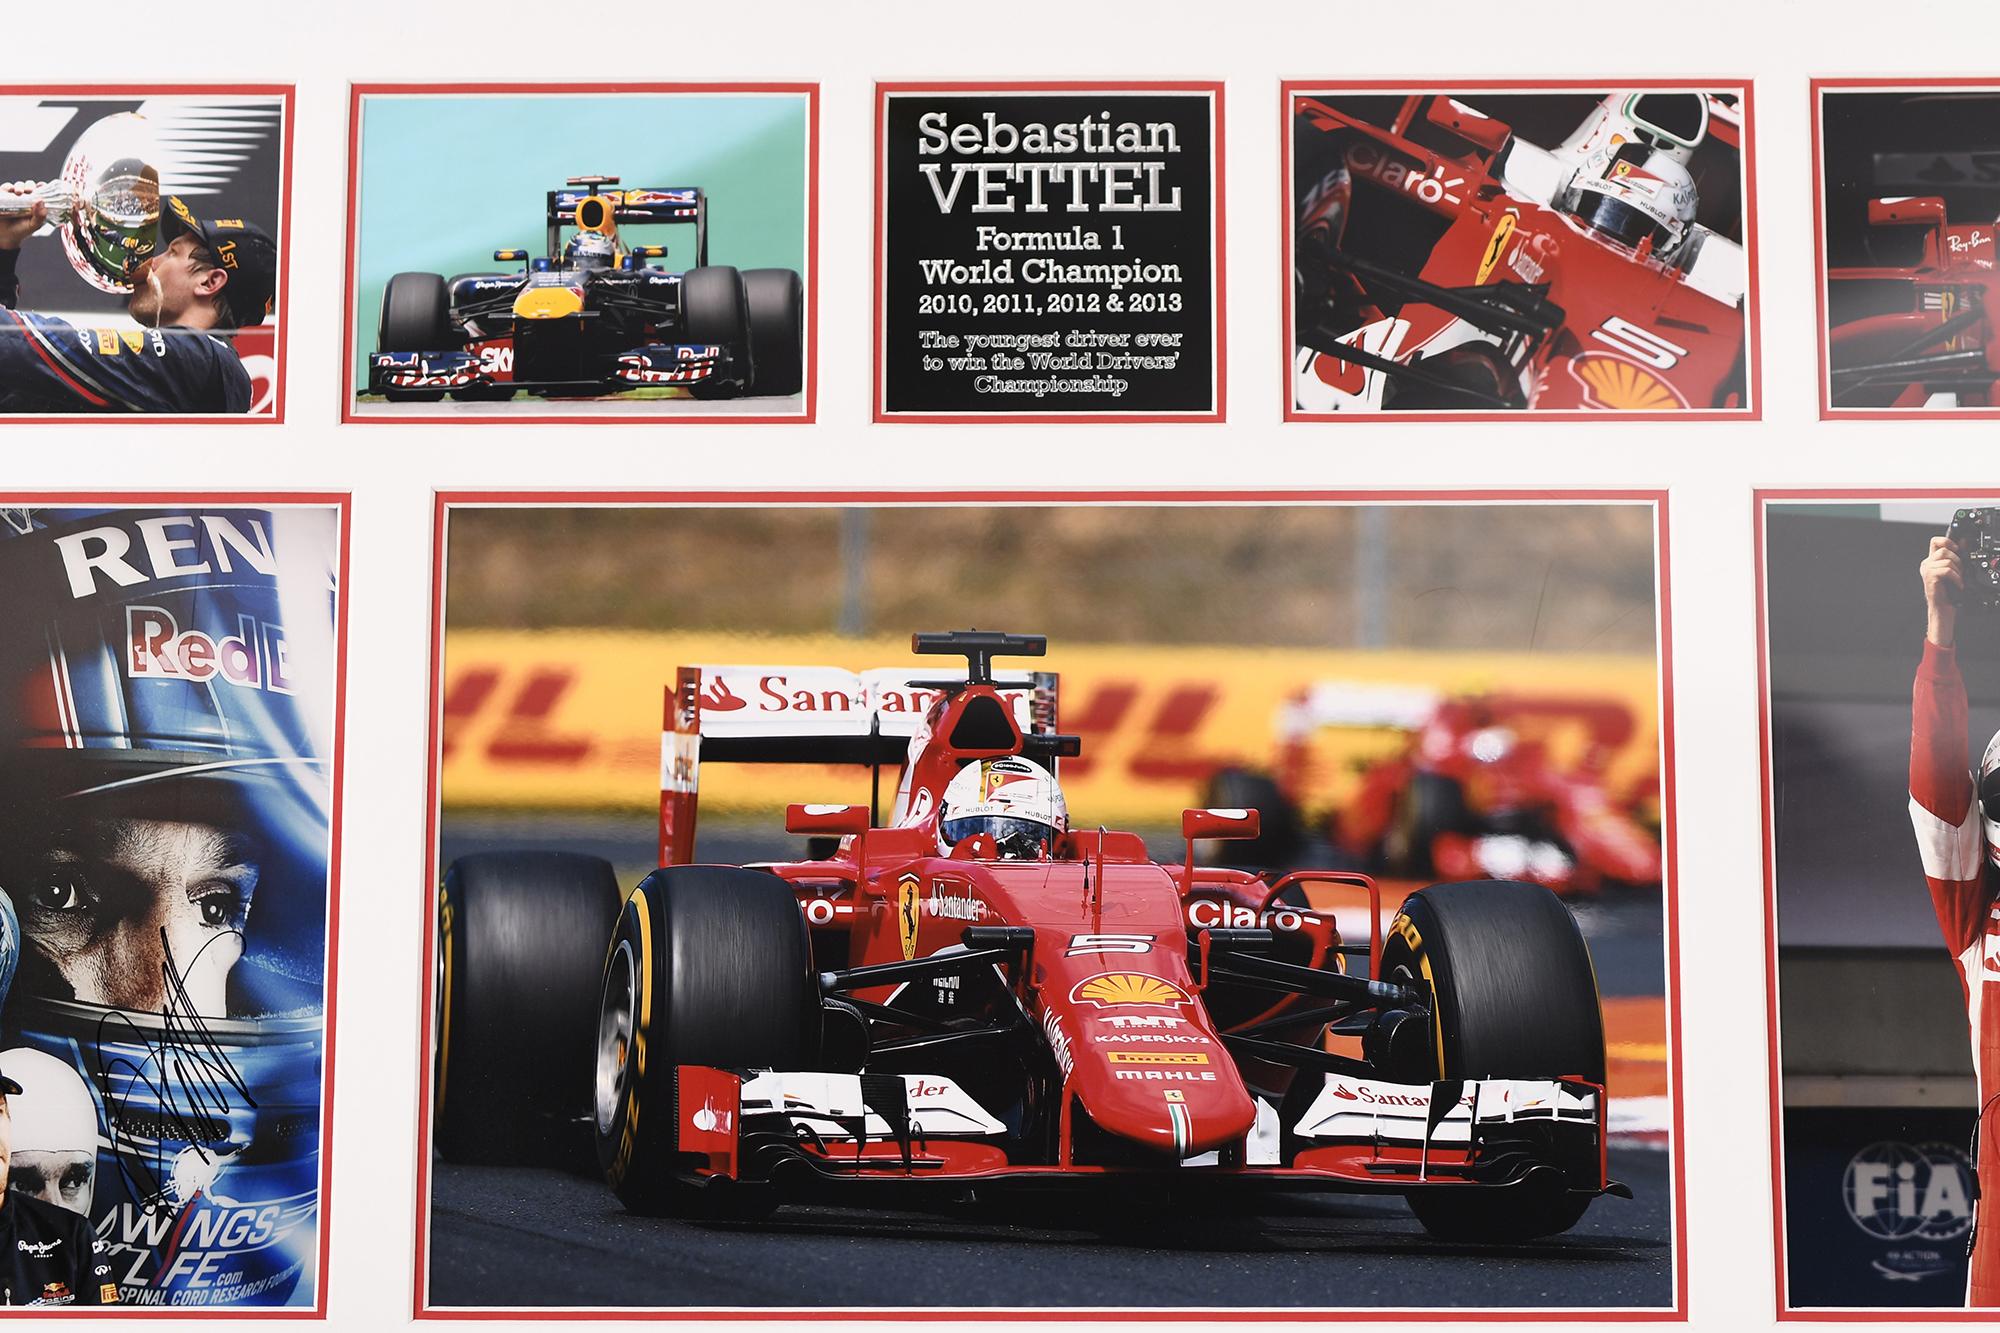 Sebastian Vettel Signed Presentation - Image 3 of 4